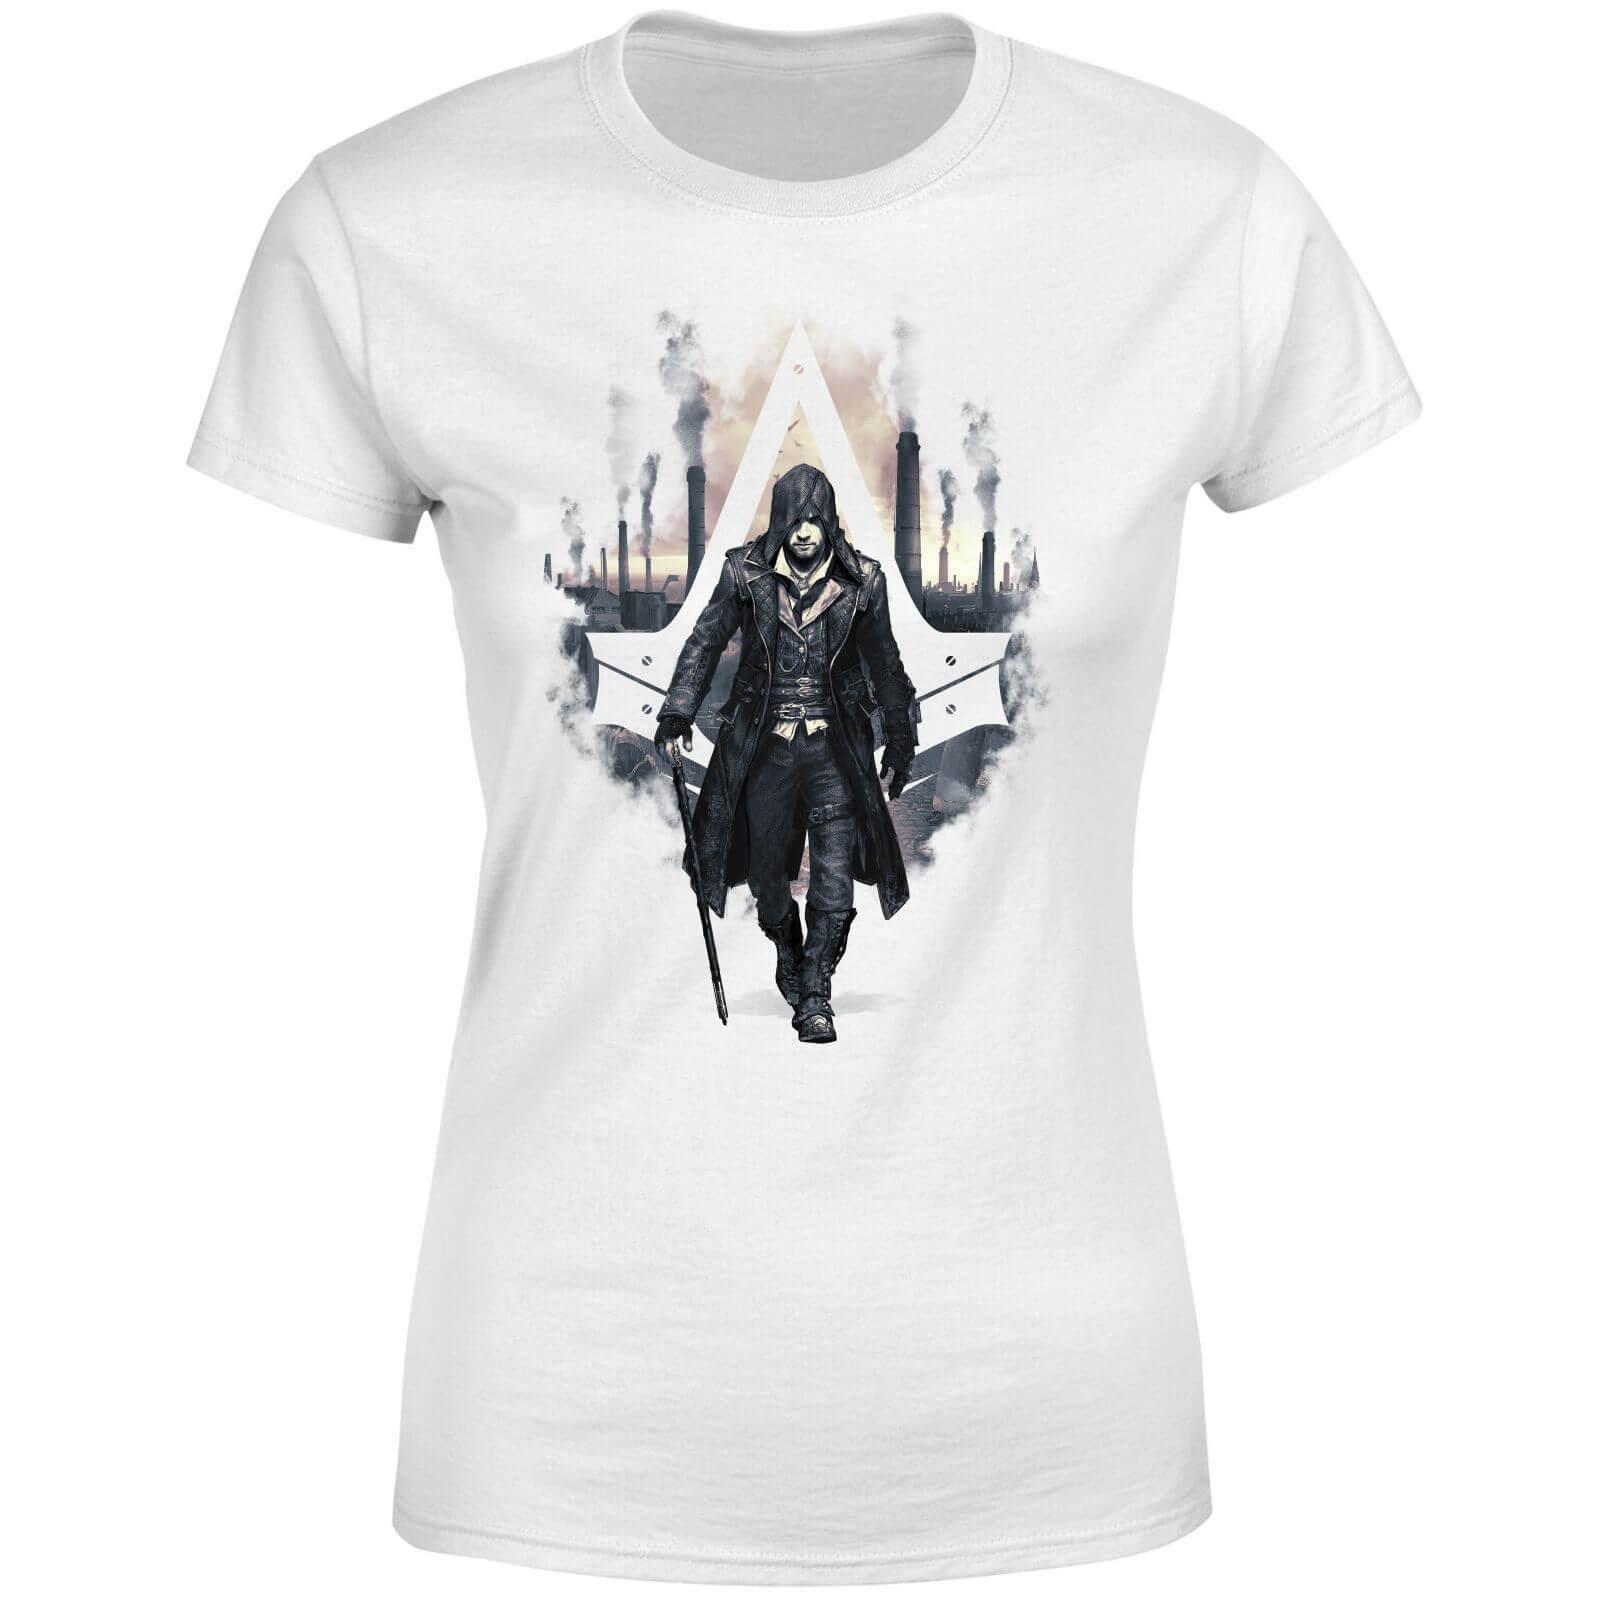 diverse Gaming T-Shirts um je 10,99 € (Atari, Tetris, Assassin's Creed etc)